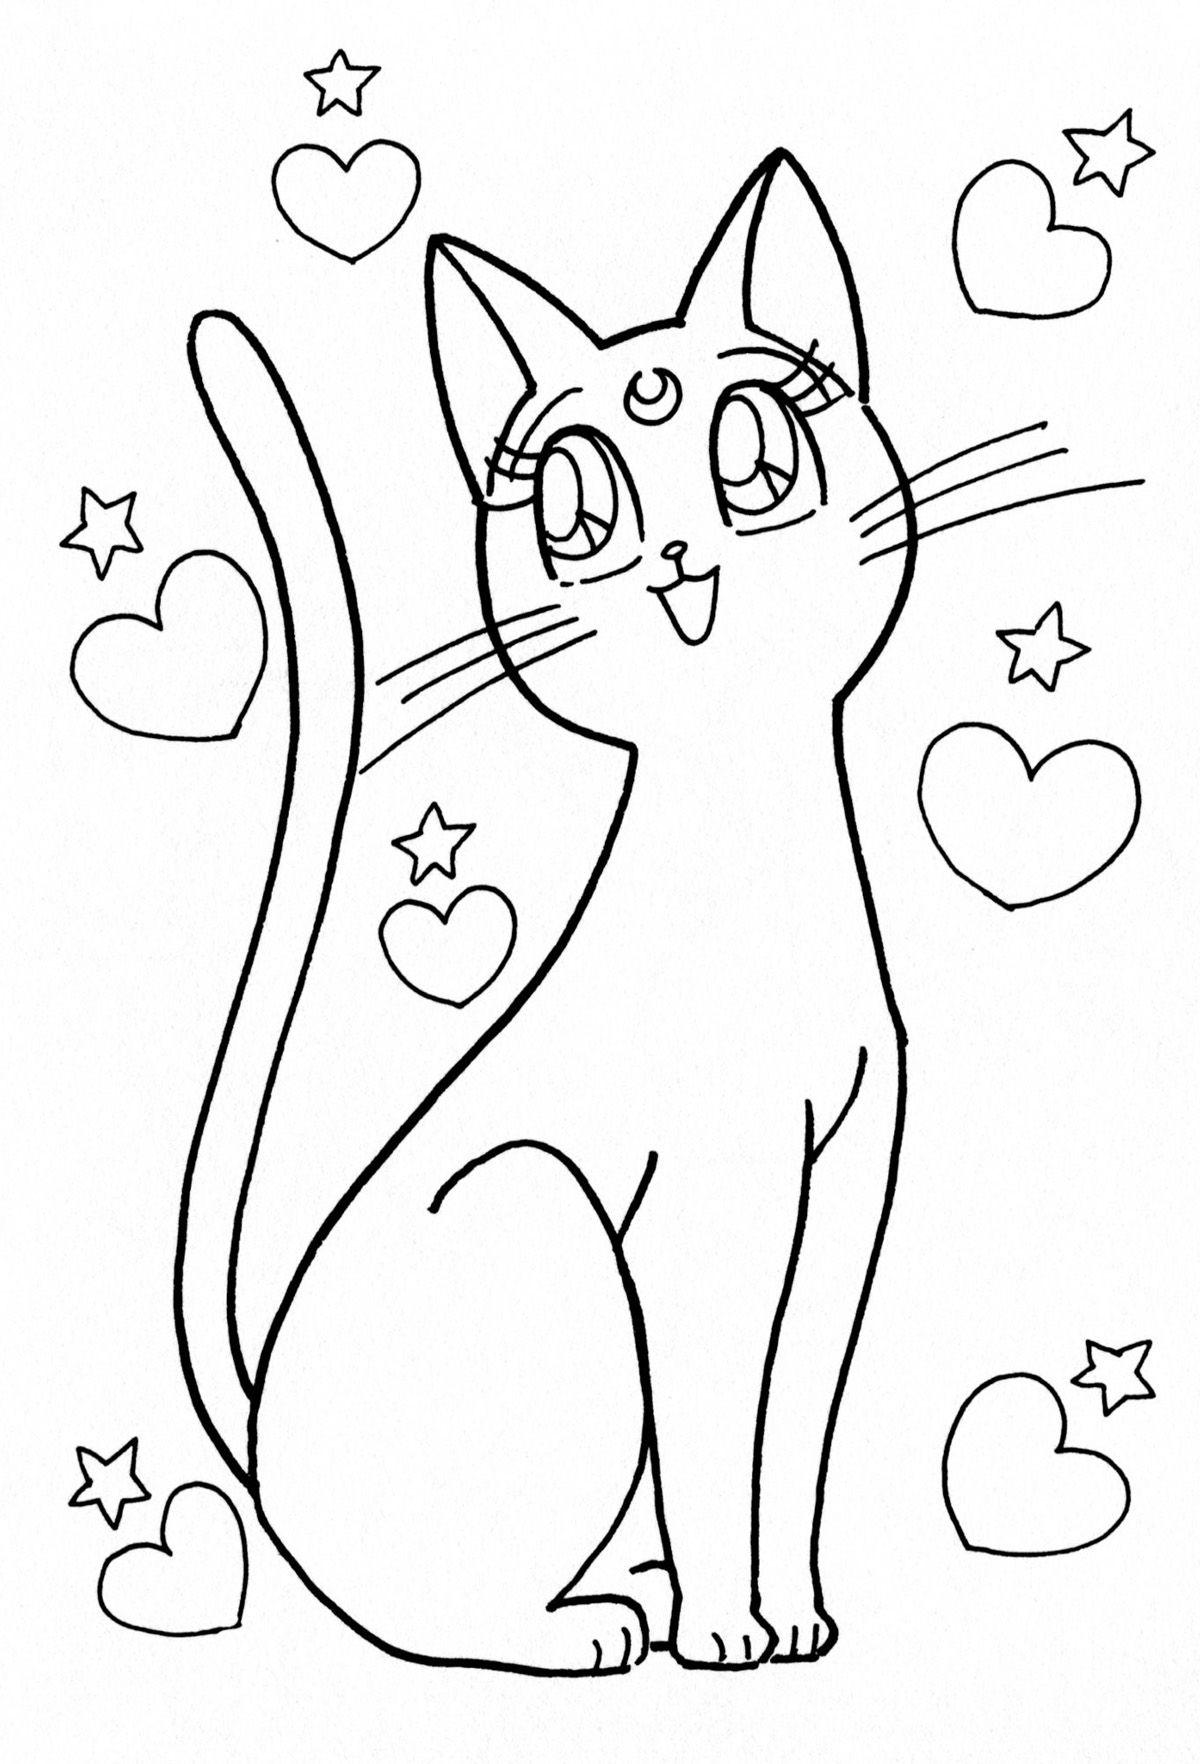 клубная легкие картинки чтобы срисовать на бумагу и раскрасить белый, фото описание